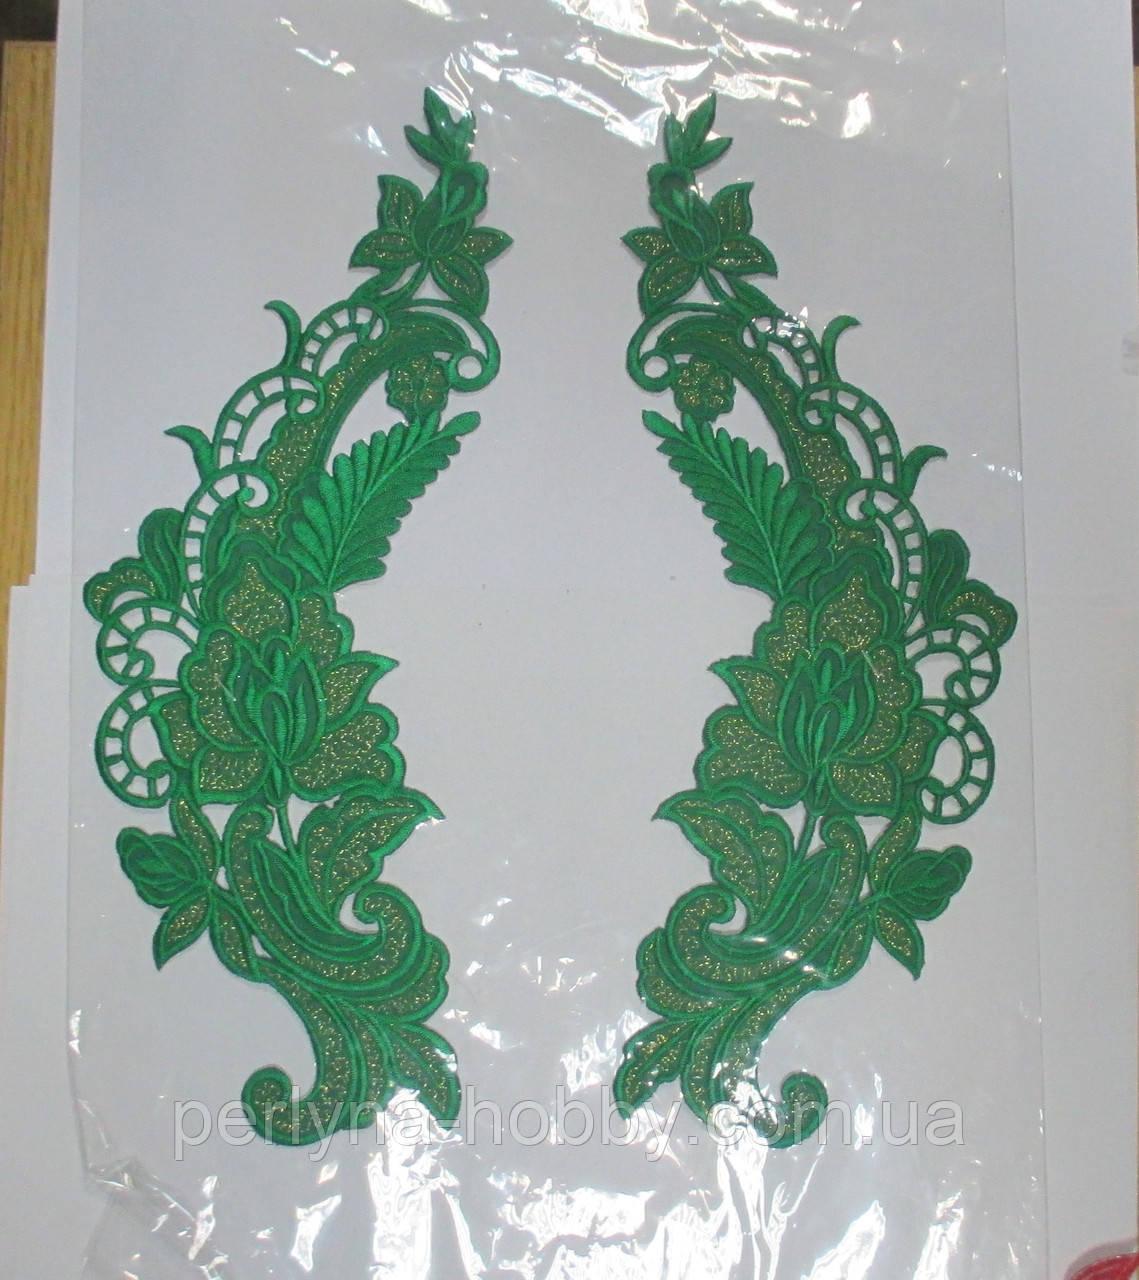 """Аплікація вишивка клейова  """"Квіти"""" яскраво зелені , 27 см 1пара"""